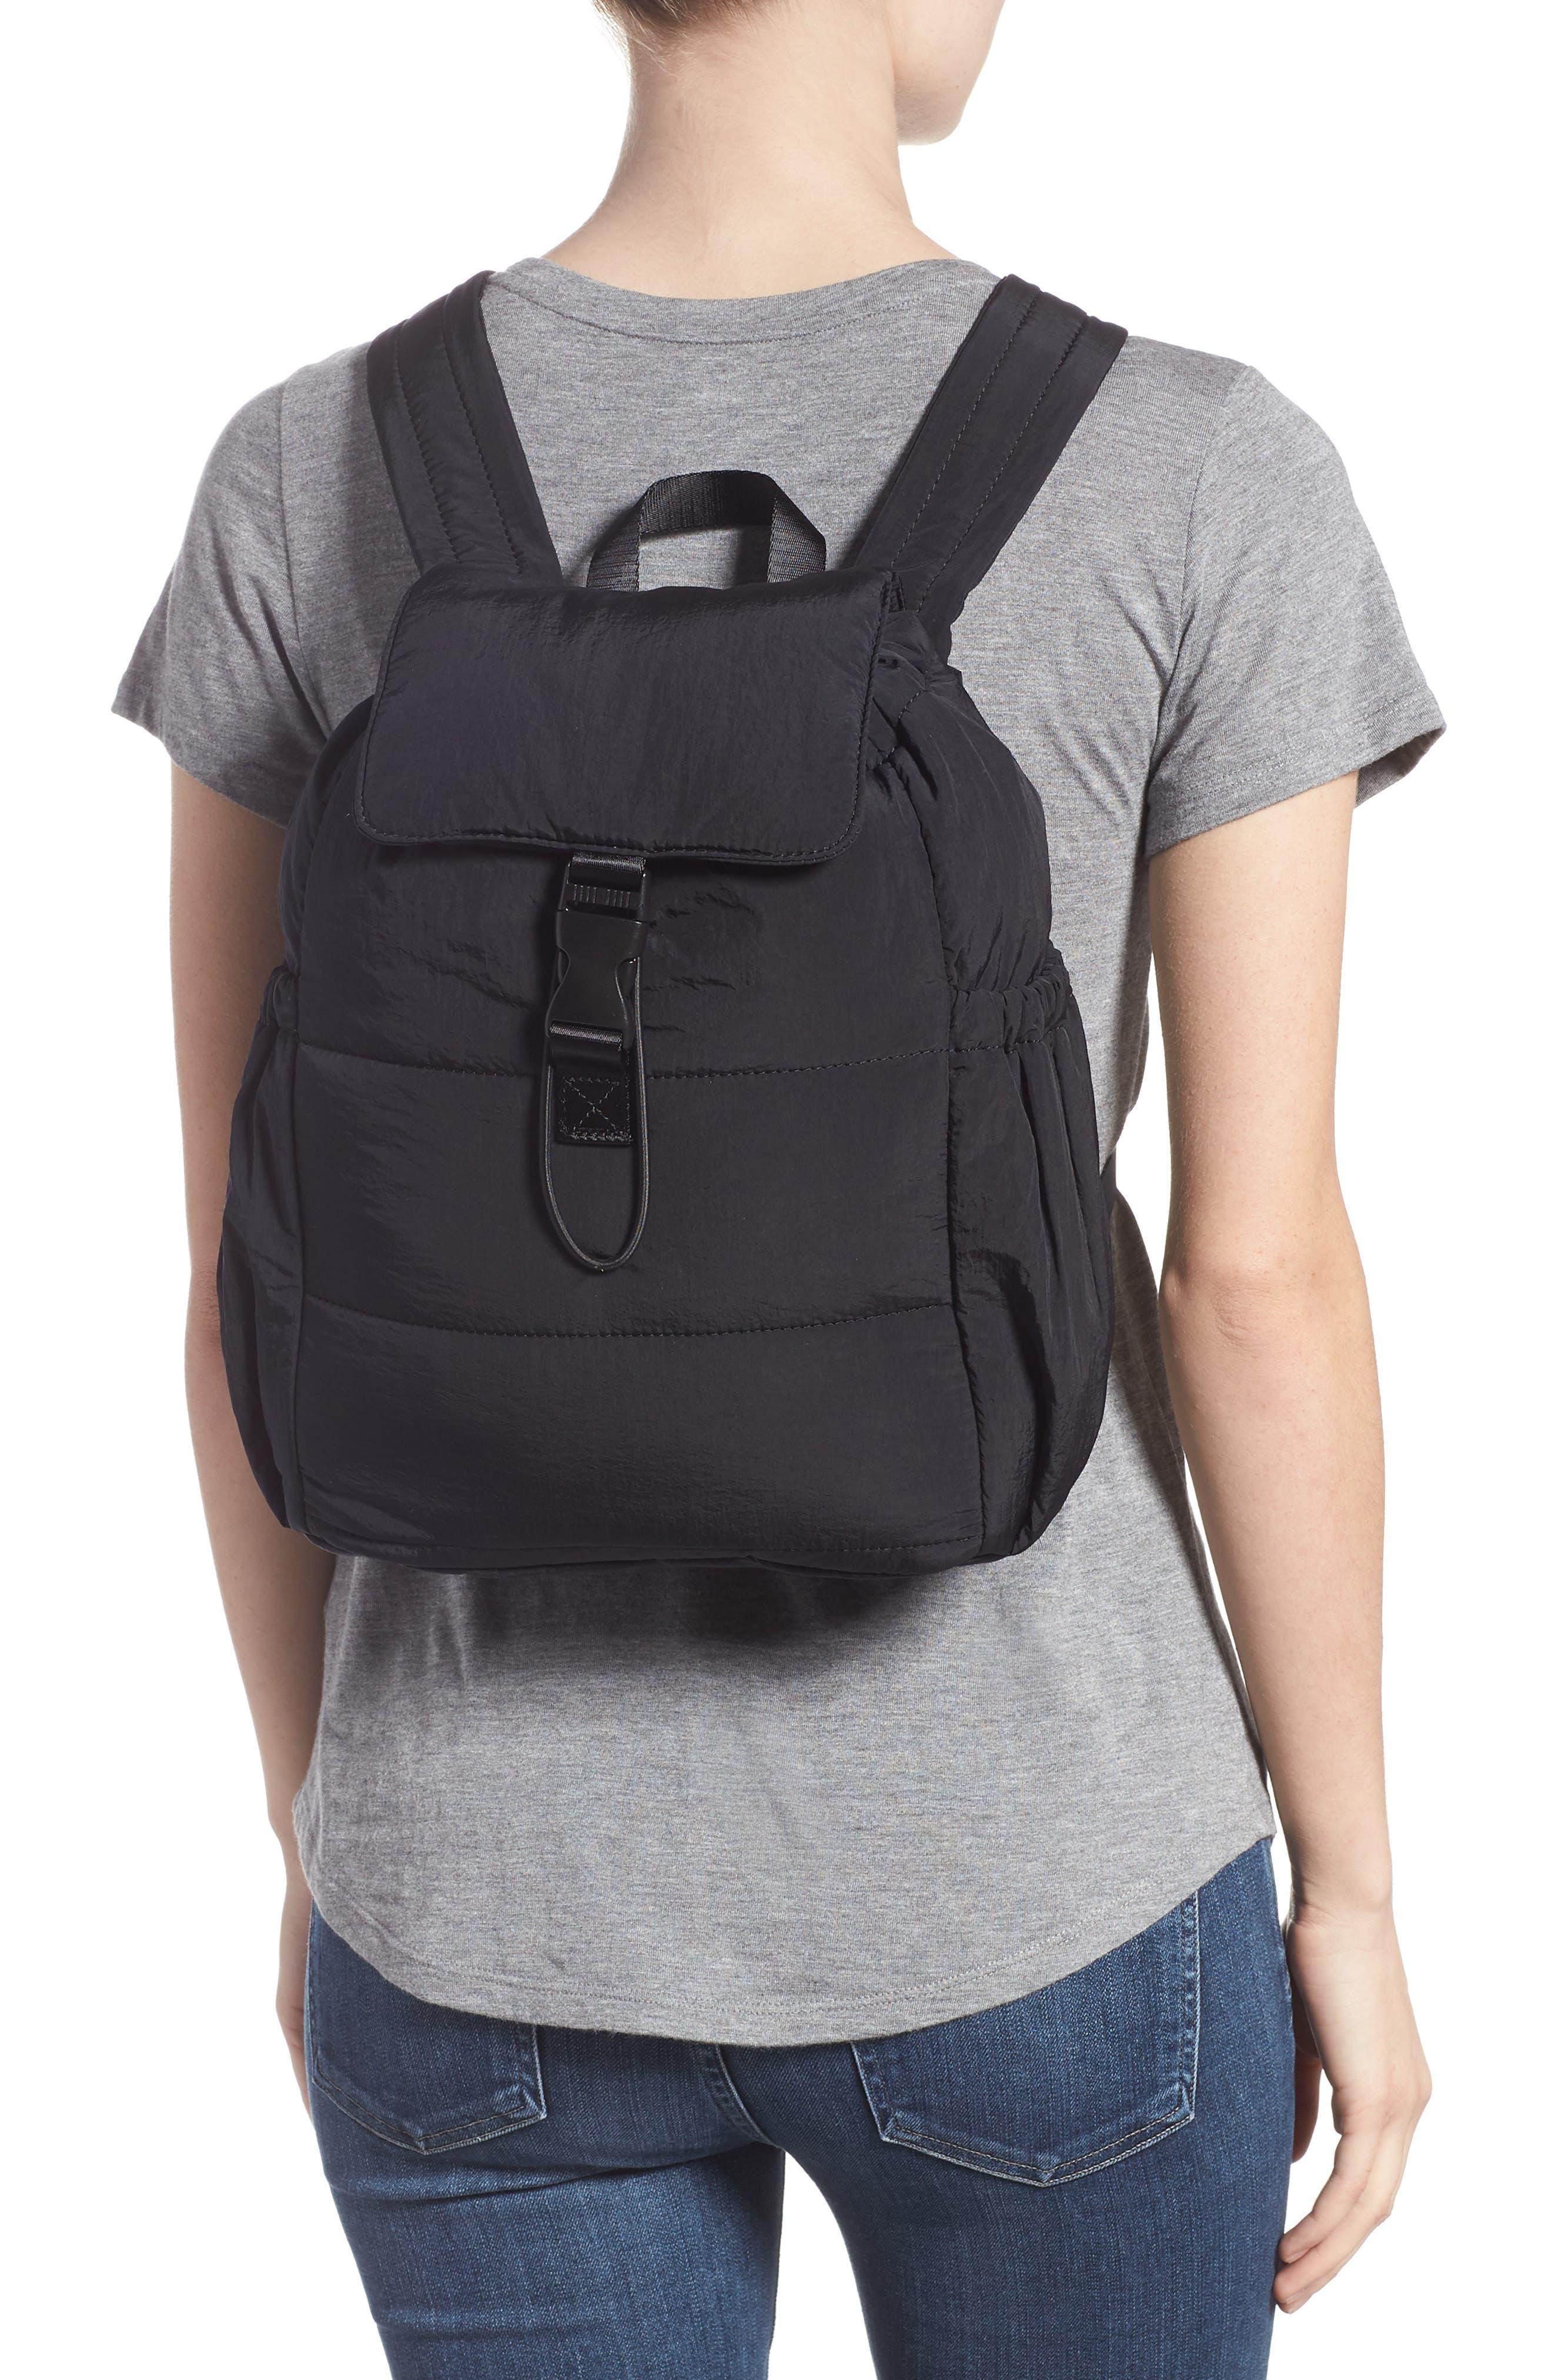 Teri Nylon Backpack,                             Alternate thumbnail 2, color,                             BLACK